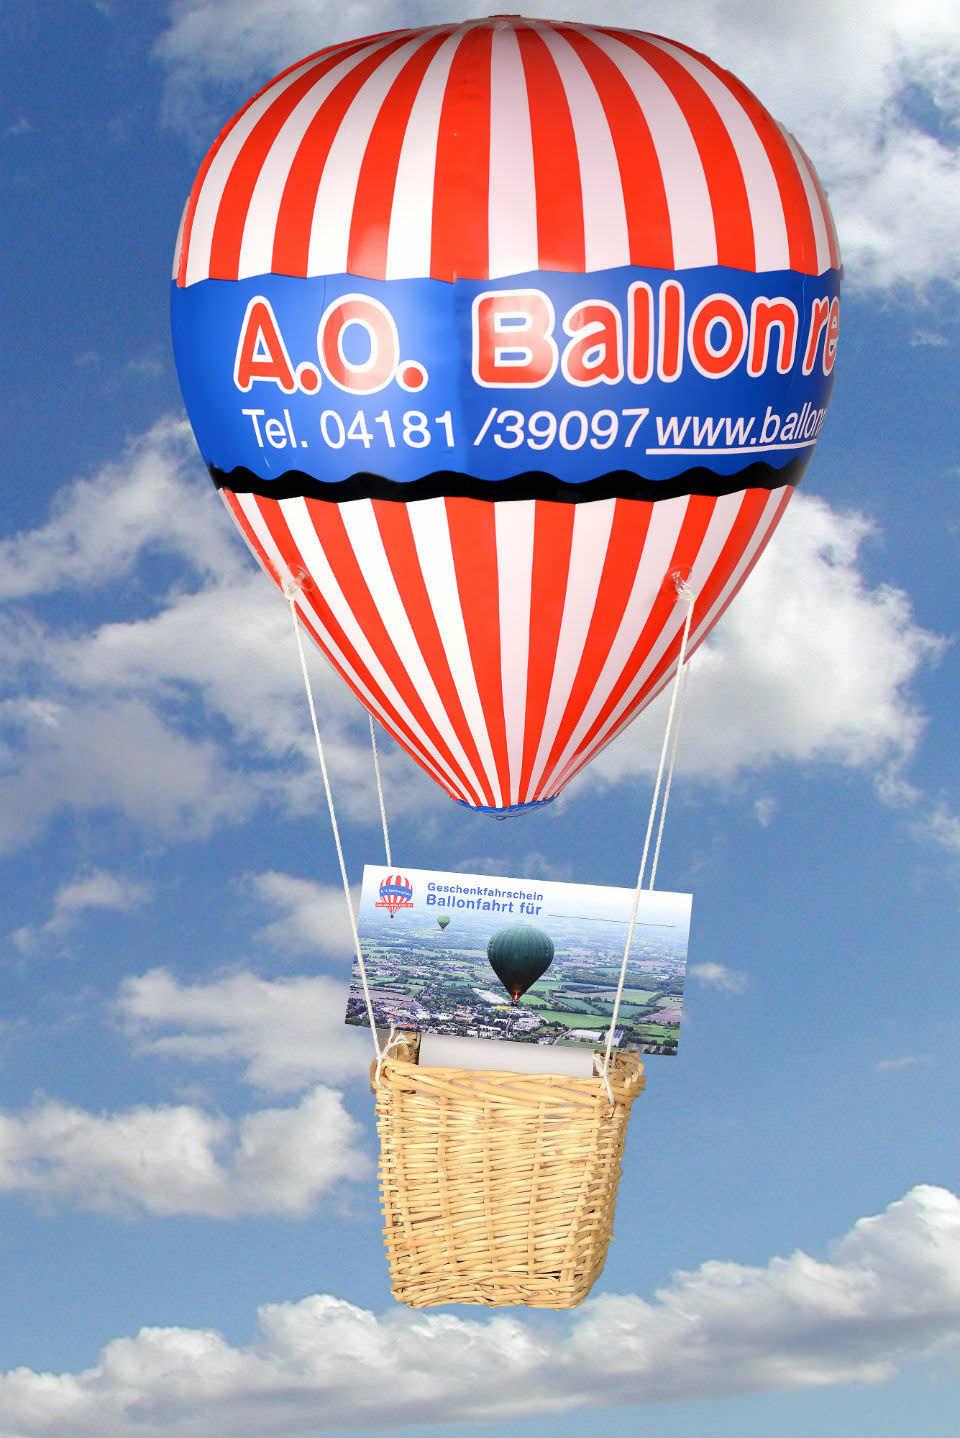 Modellballon mit Geschenkfahrschein